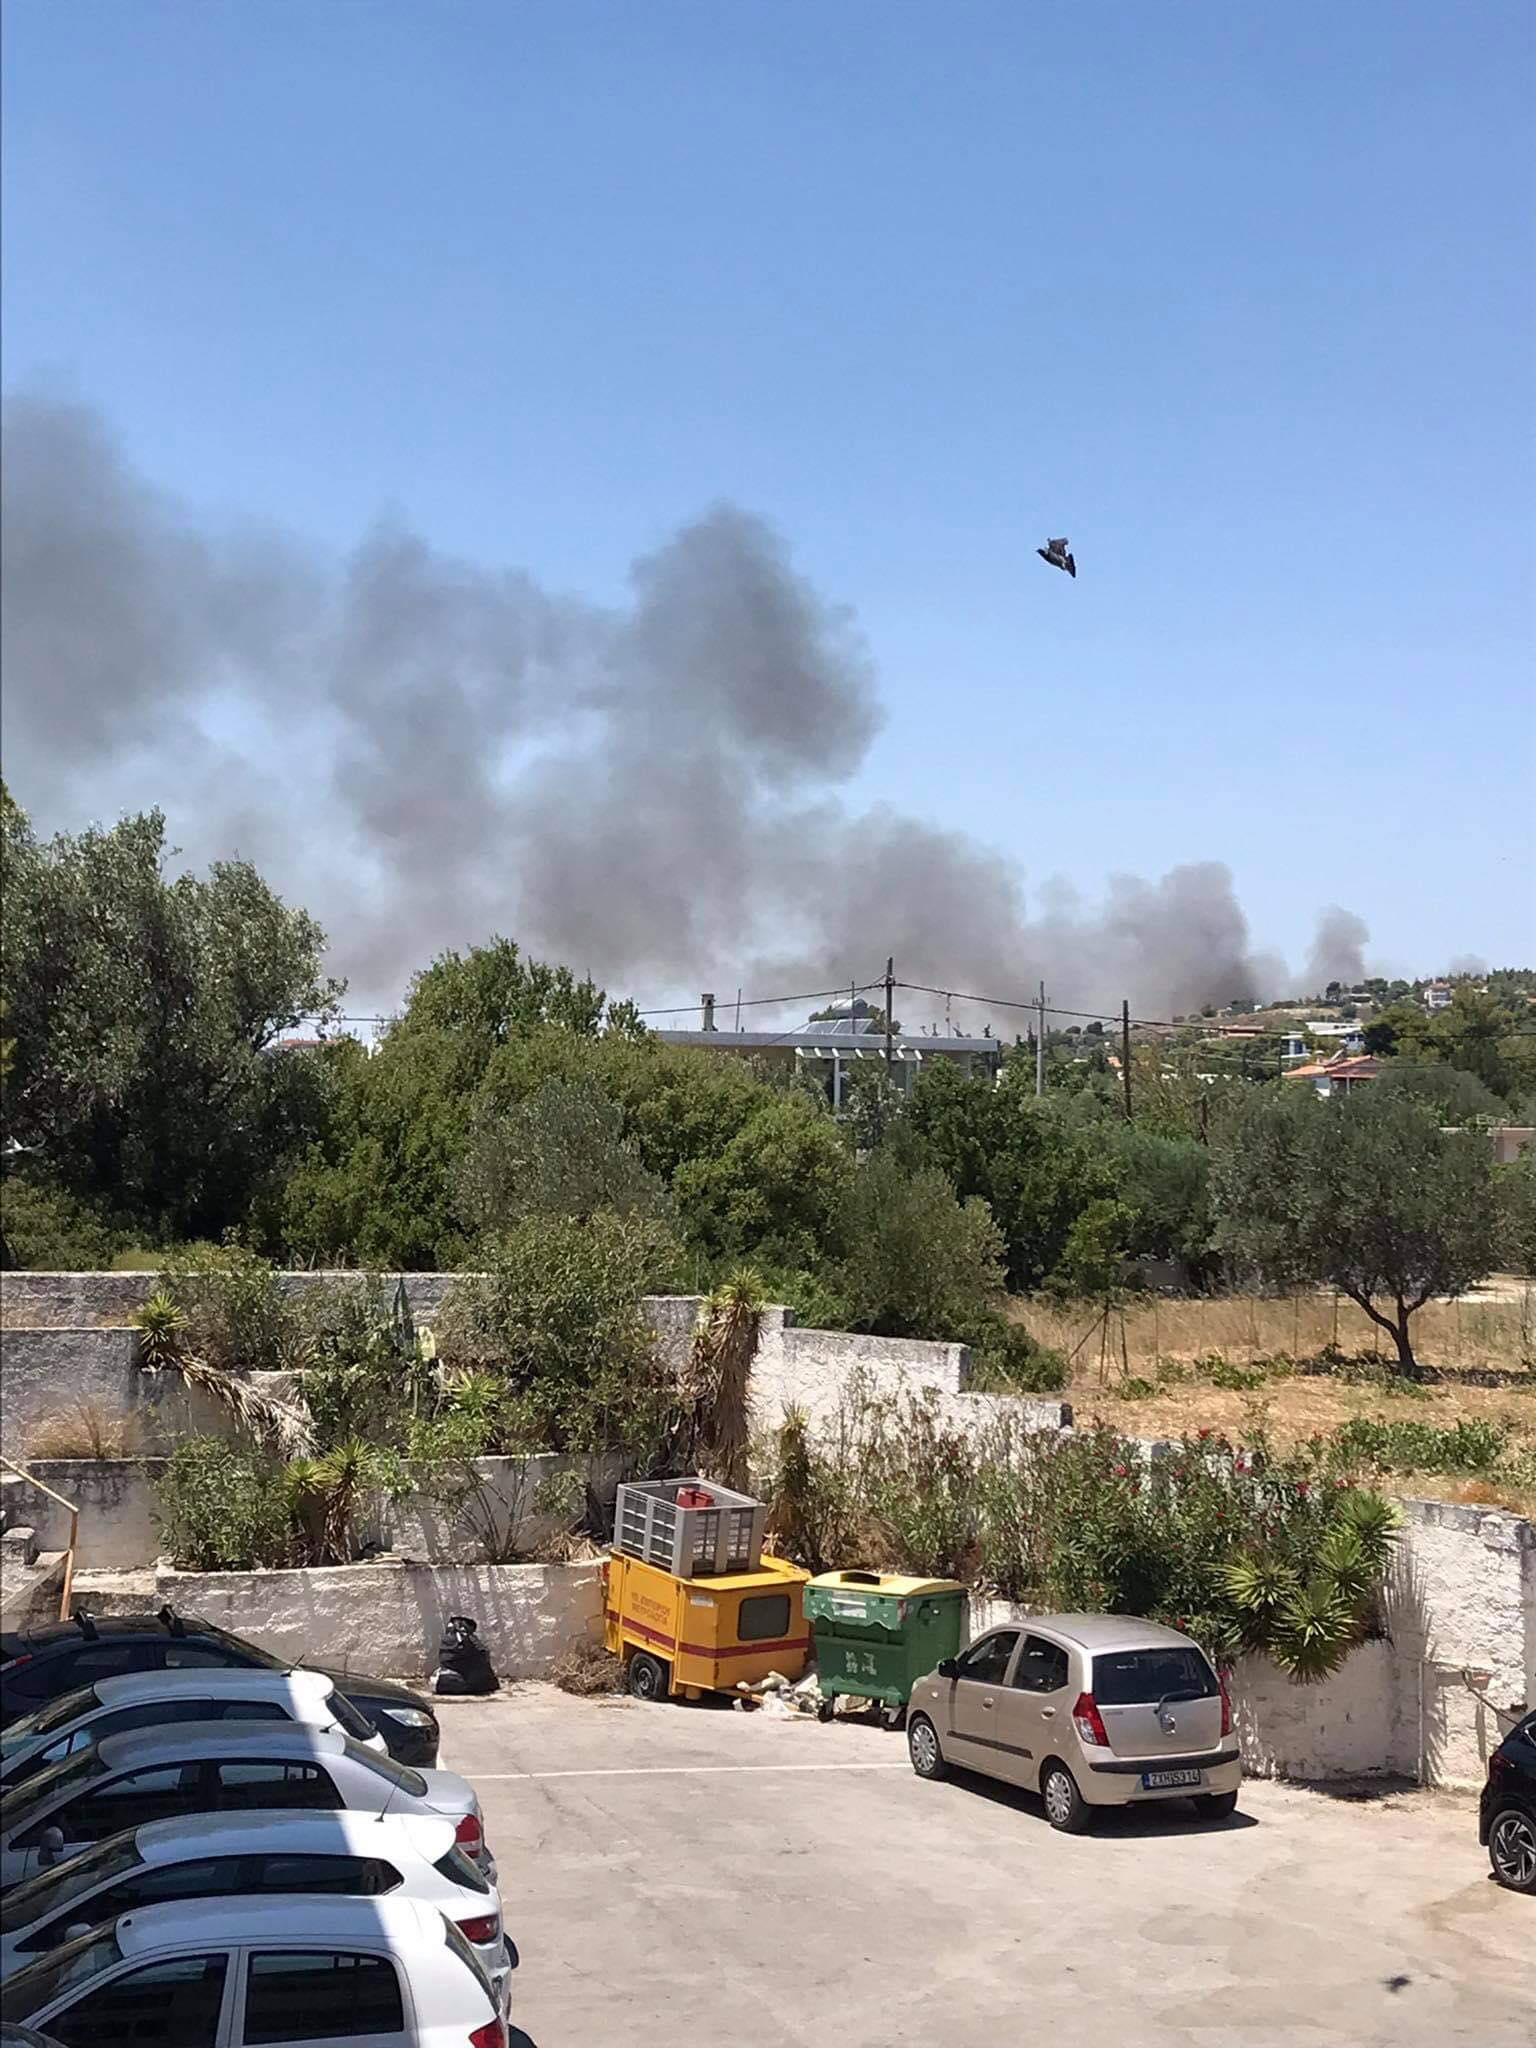 Πυρκαγιά σε χαμηλή βλάστηση στην περιοχή Λόφος Παλλήνης Αττικής